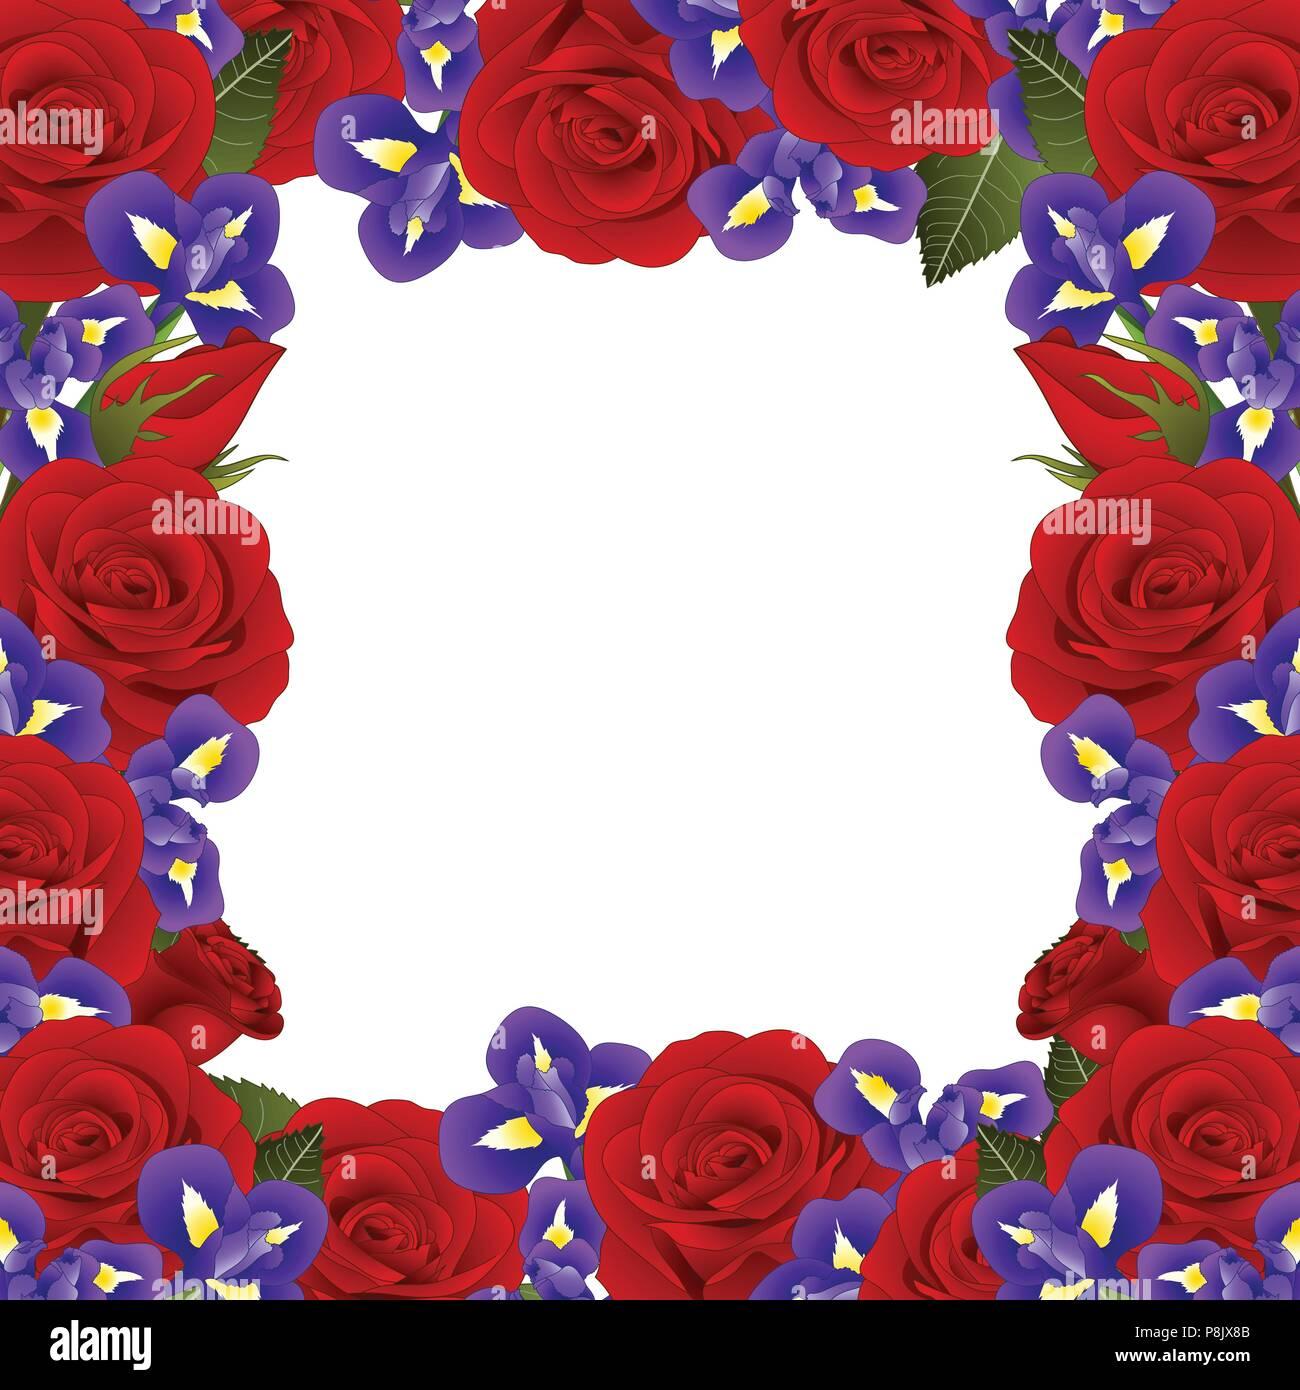 Rote Rose und Iris Blume Rahmen Grenze. auf weißem Hintergrund ...